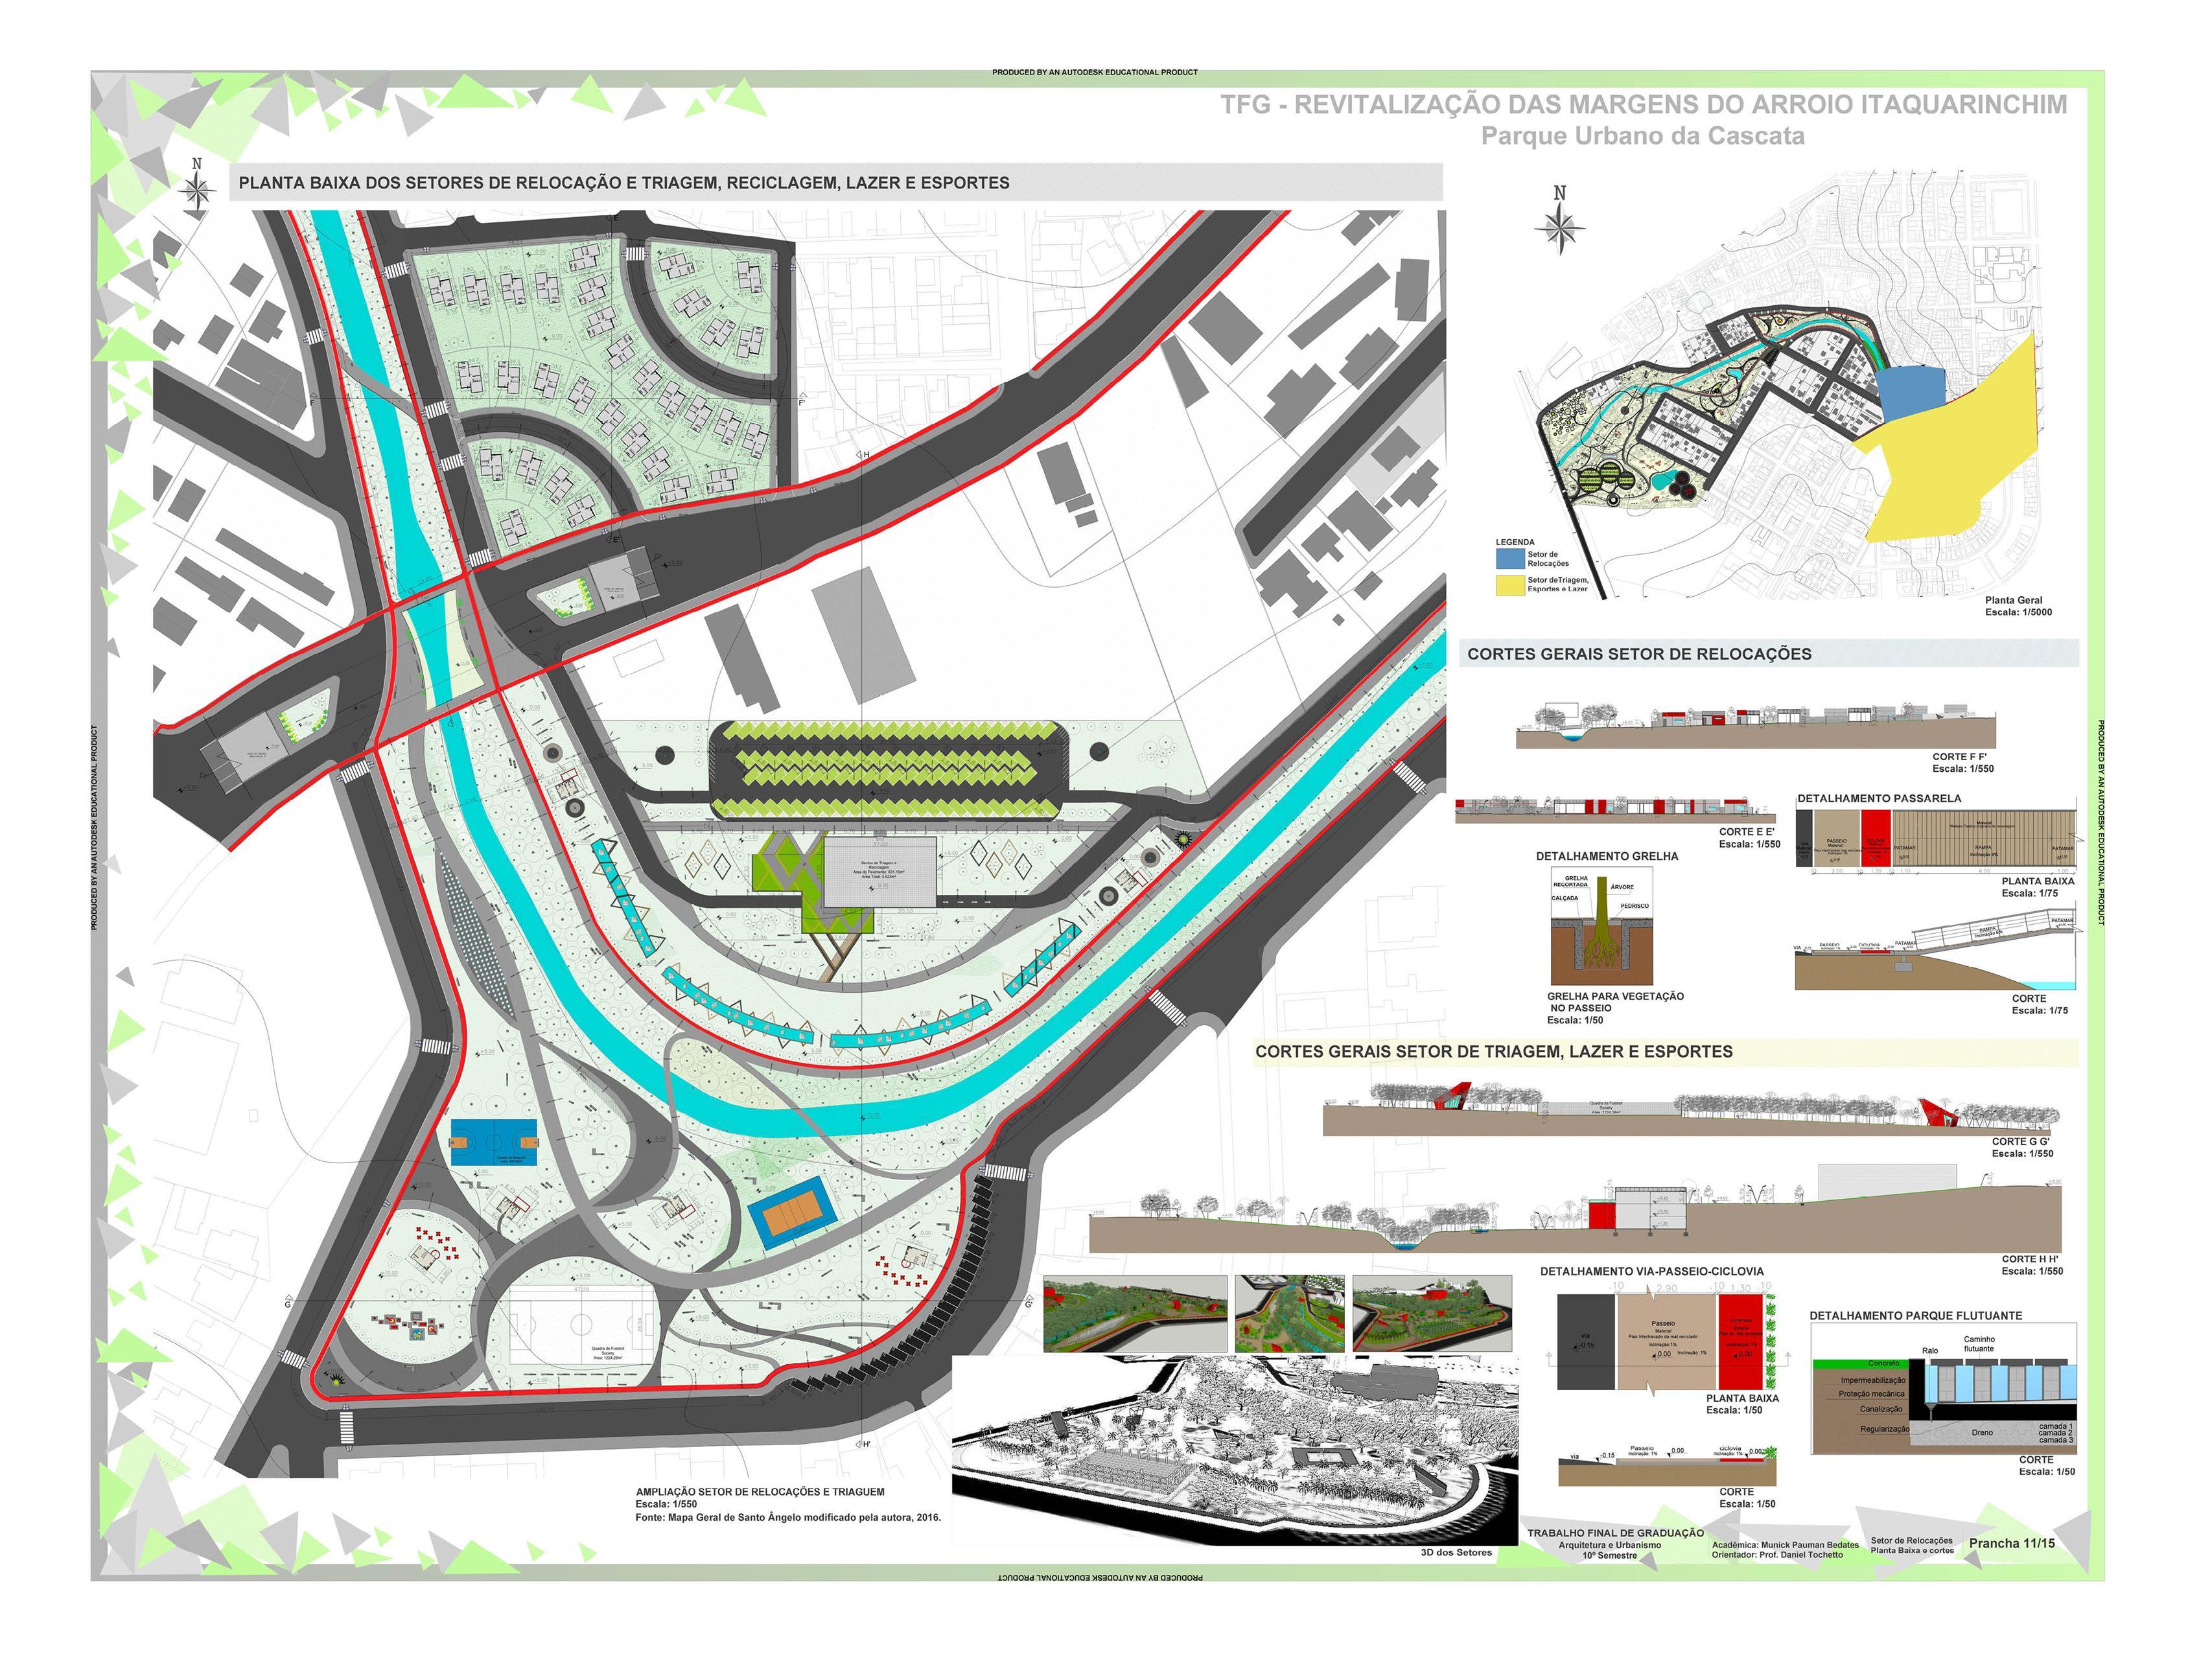 Revitalização das Margens do Arroio Itaquarinchim - Parque Urbano da Cascata10 (Copy)